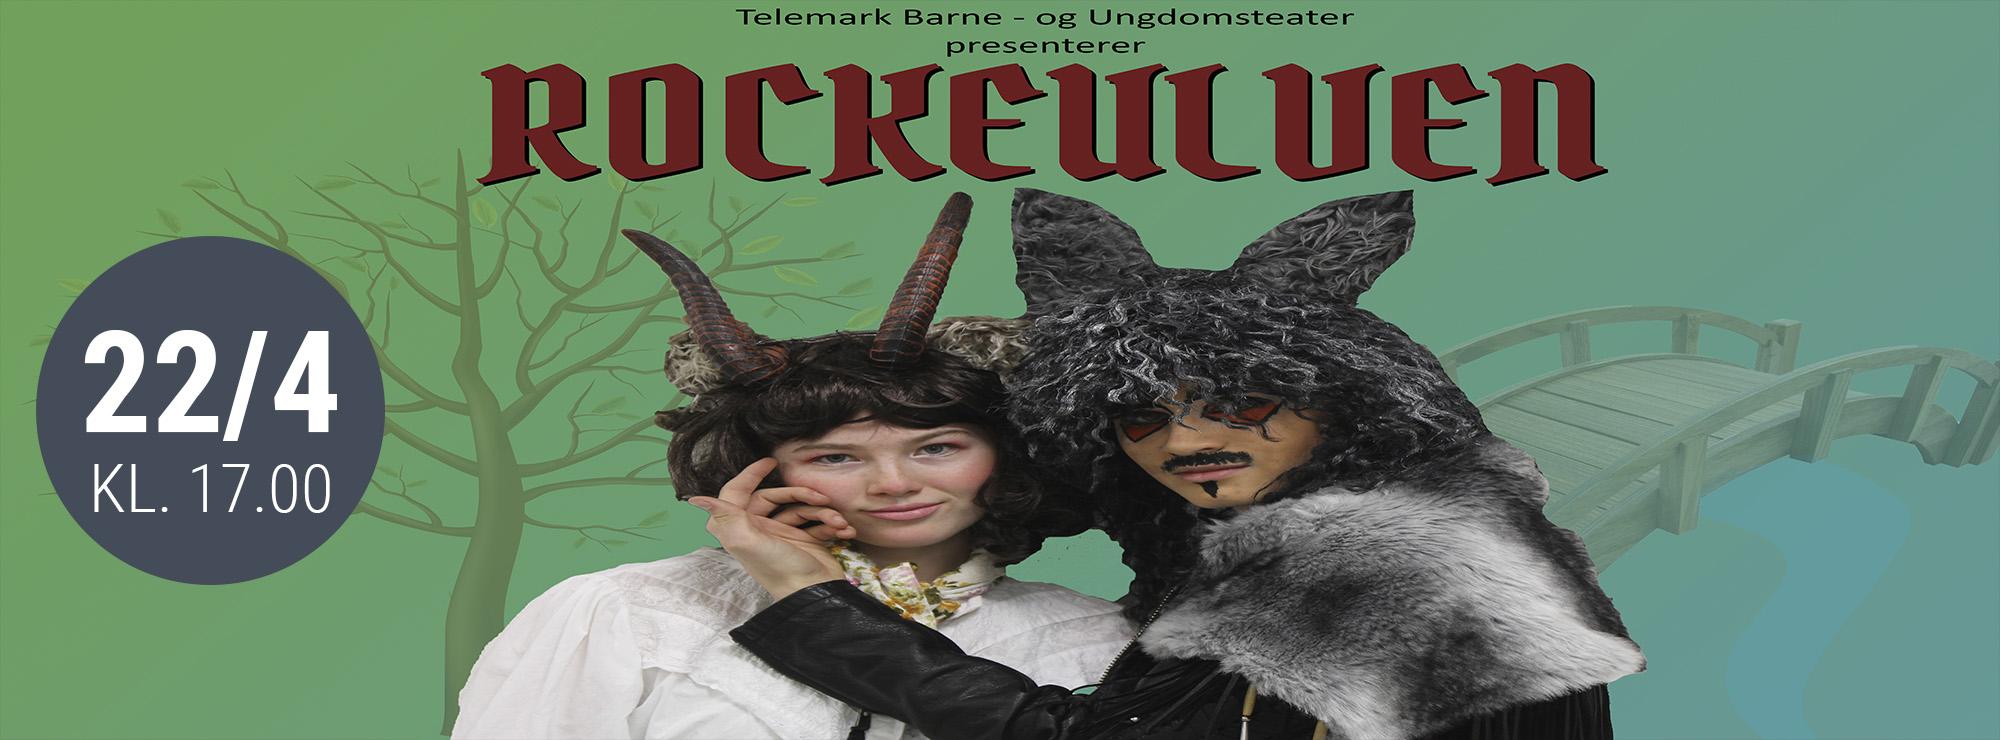 Rockeulven: Telemark Barne- og Ungdomsteater